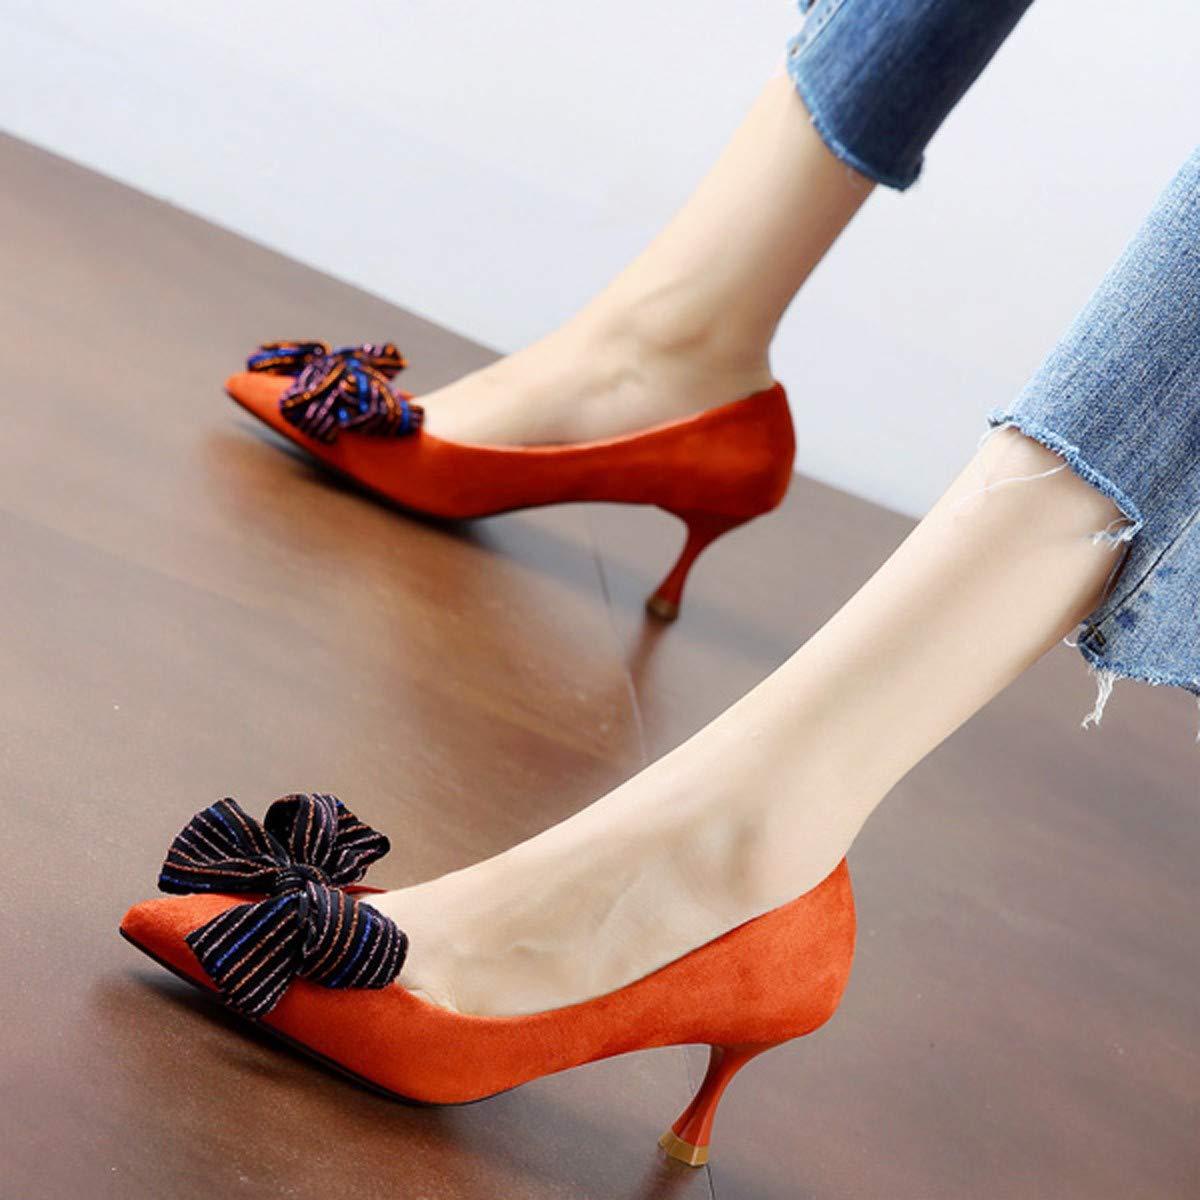 LBTSQ-Elegant Fliege Brautjungfer Schuhe Spitze Dünne Dünne Dünne Sohle Hochhackigen Schuhe 6CmEinzelne Schuhe Jede Art Von Witzen. c0dad2